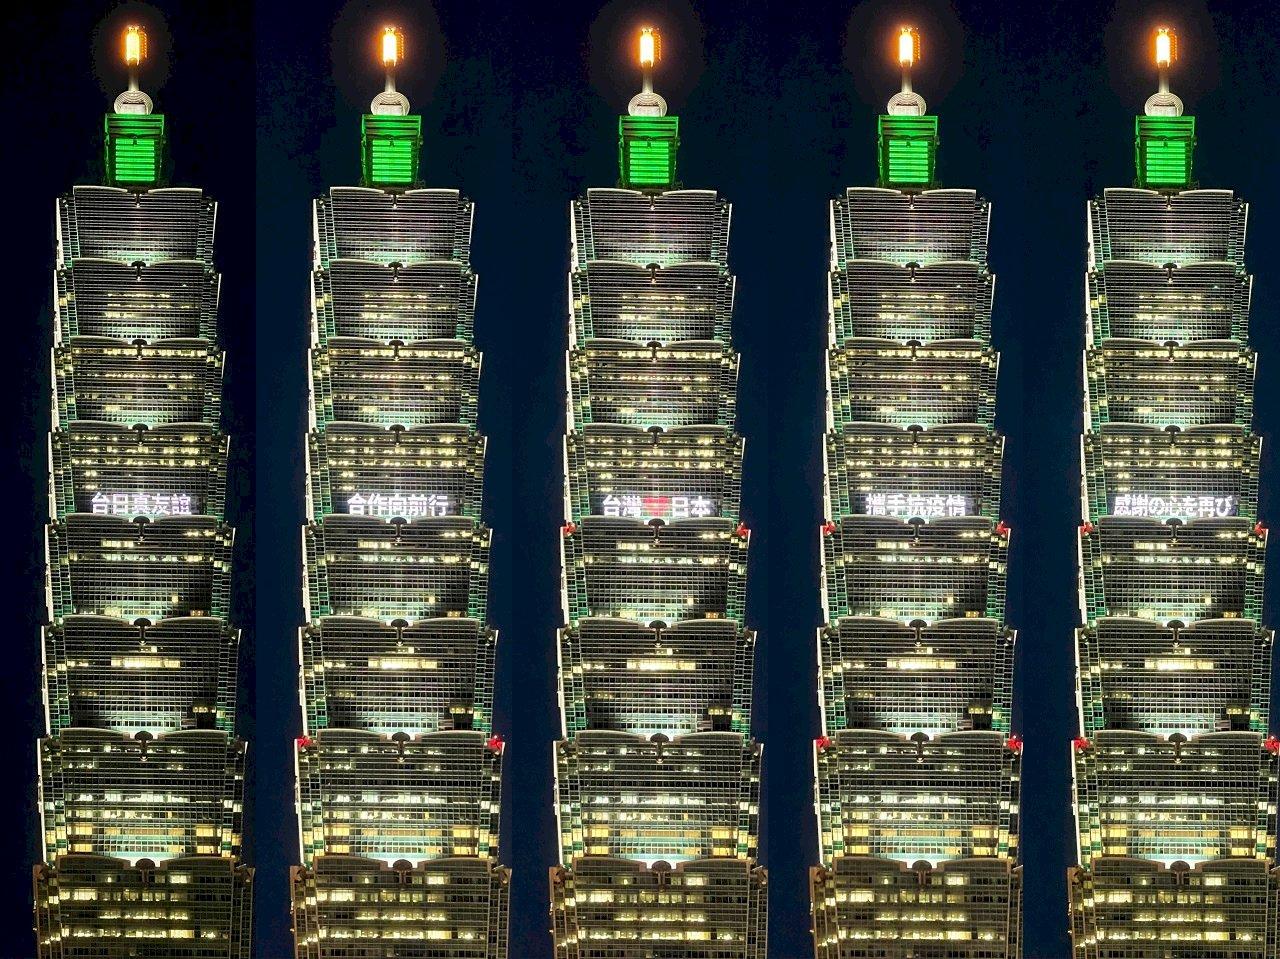 日再度贈台疫苗 圓山飯店、台北101同時點燈致謝